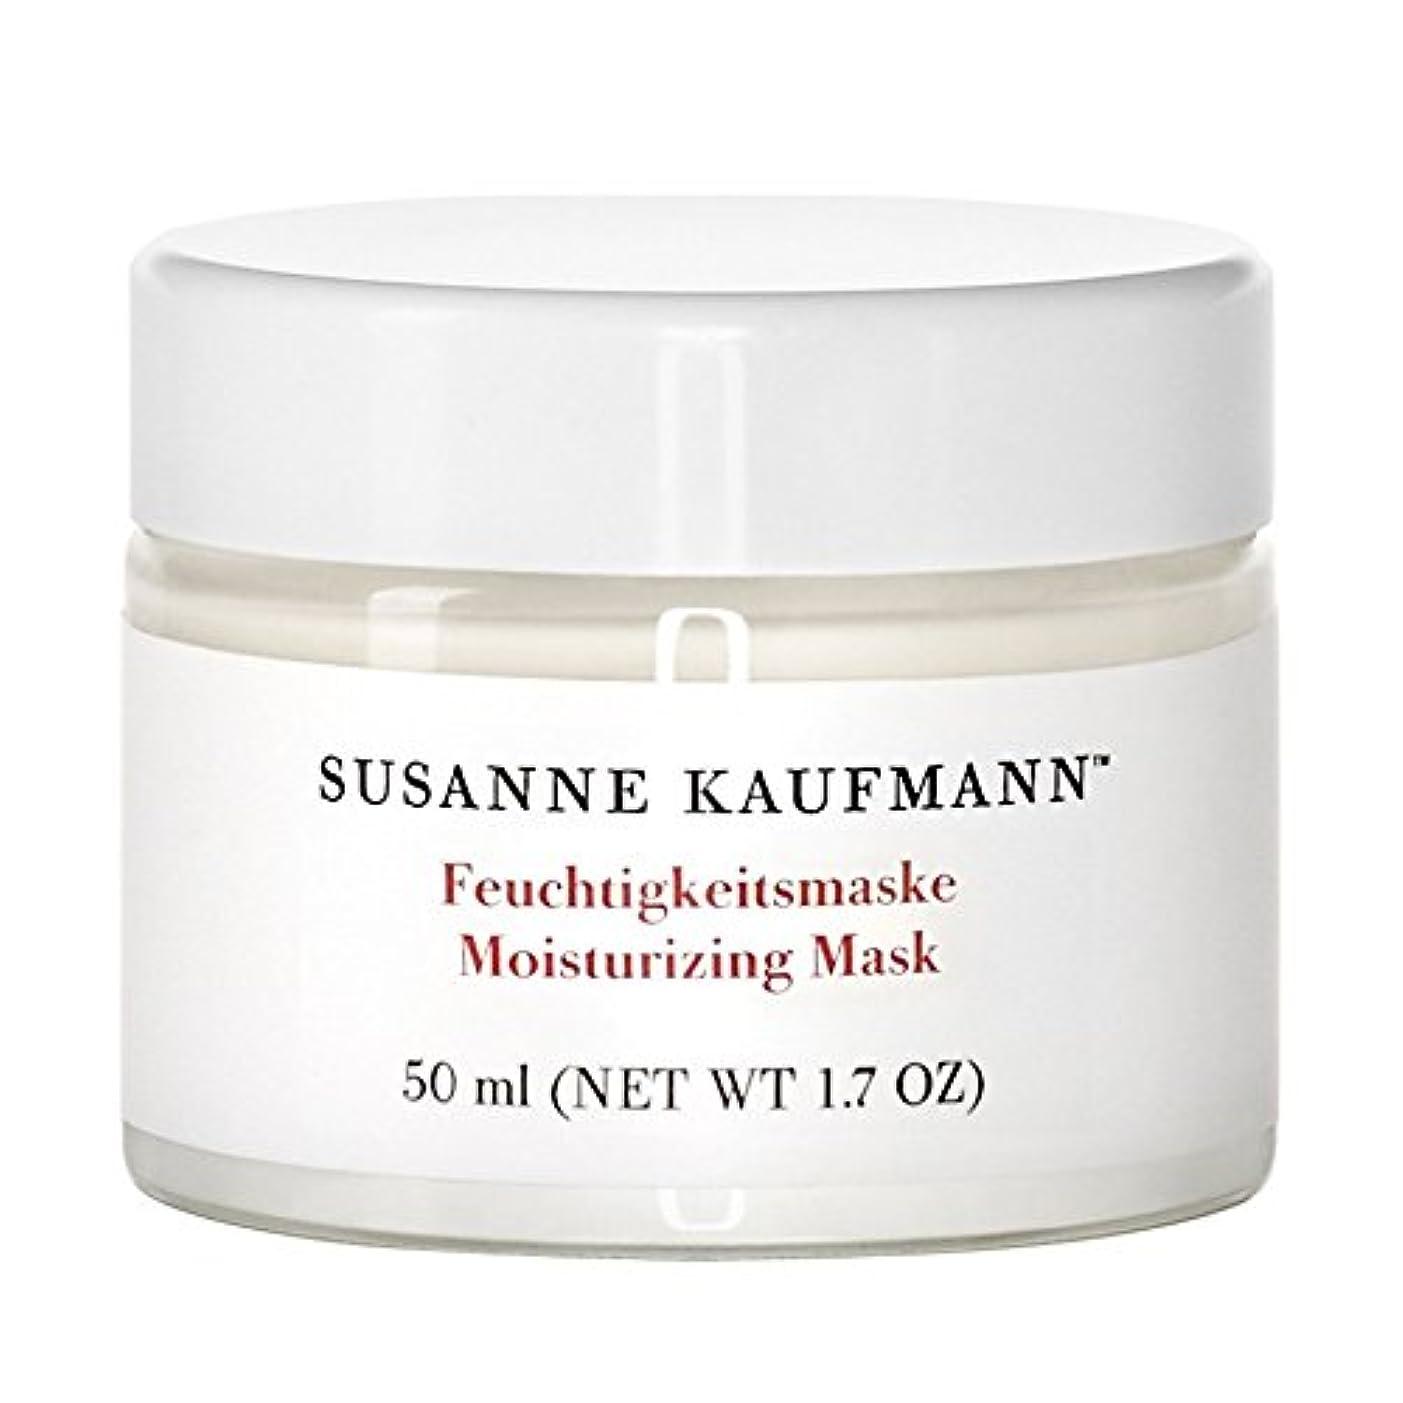 過激派ゲート津波スザンヌカウフマン保湿マスク50ミリリットル x2 - Susanne Kaufmann Moisturising Mask 50ml (Pack of 2) [並行輸入品]